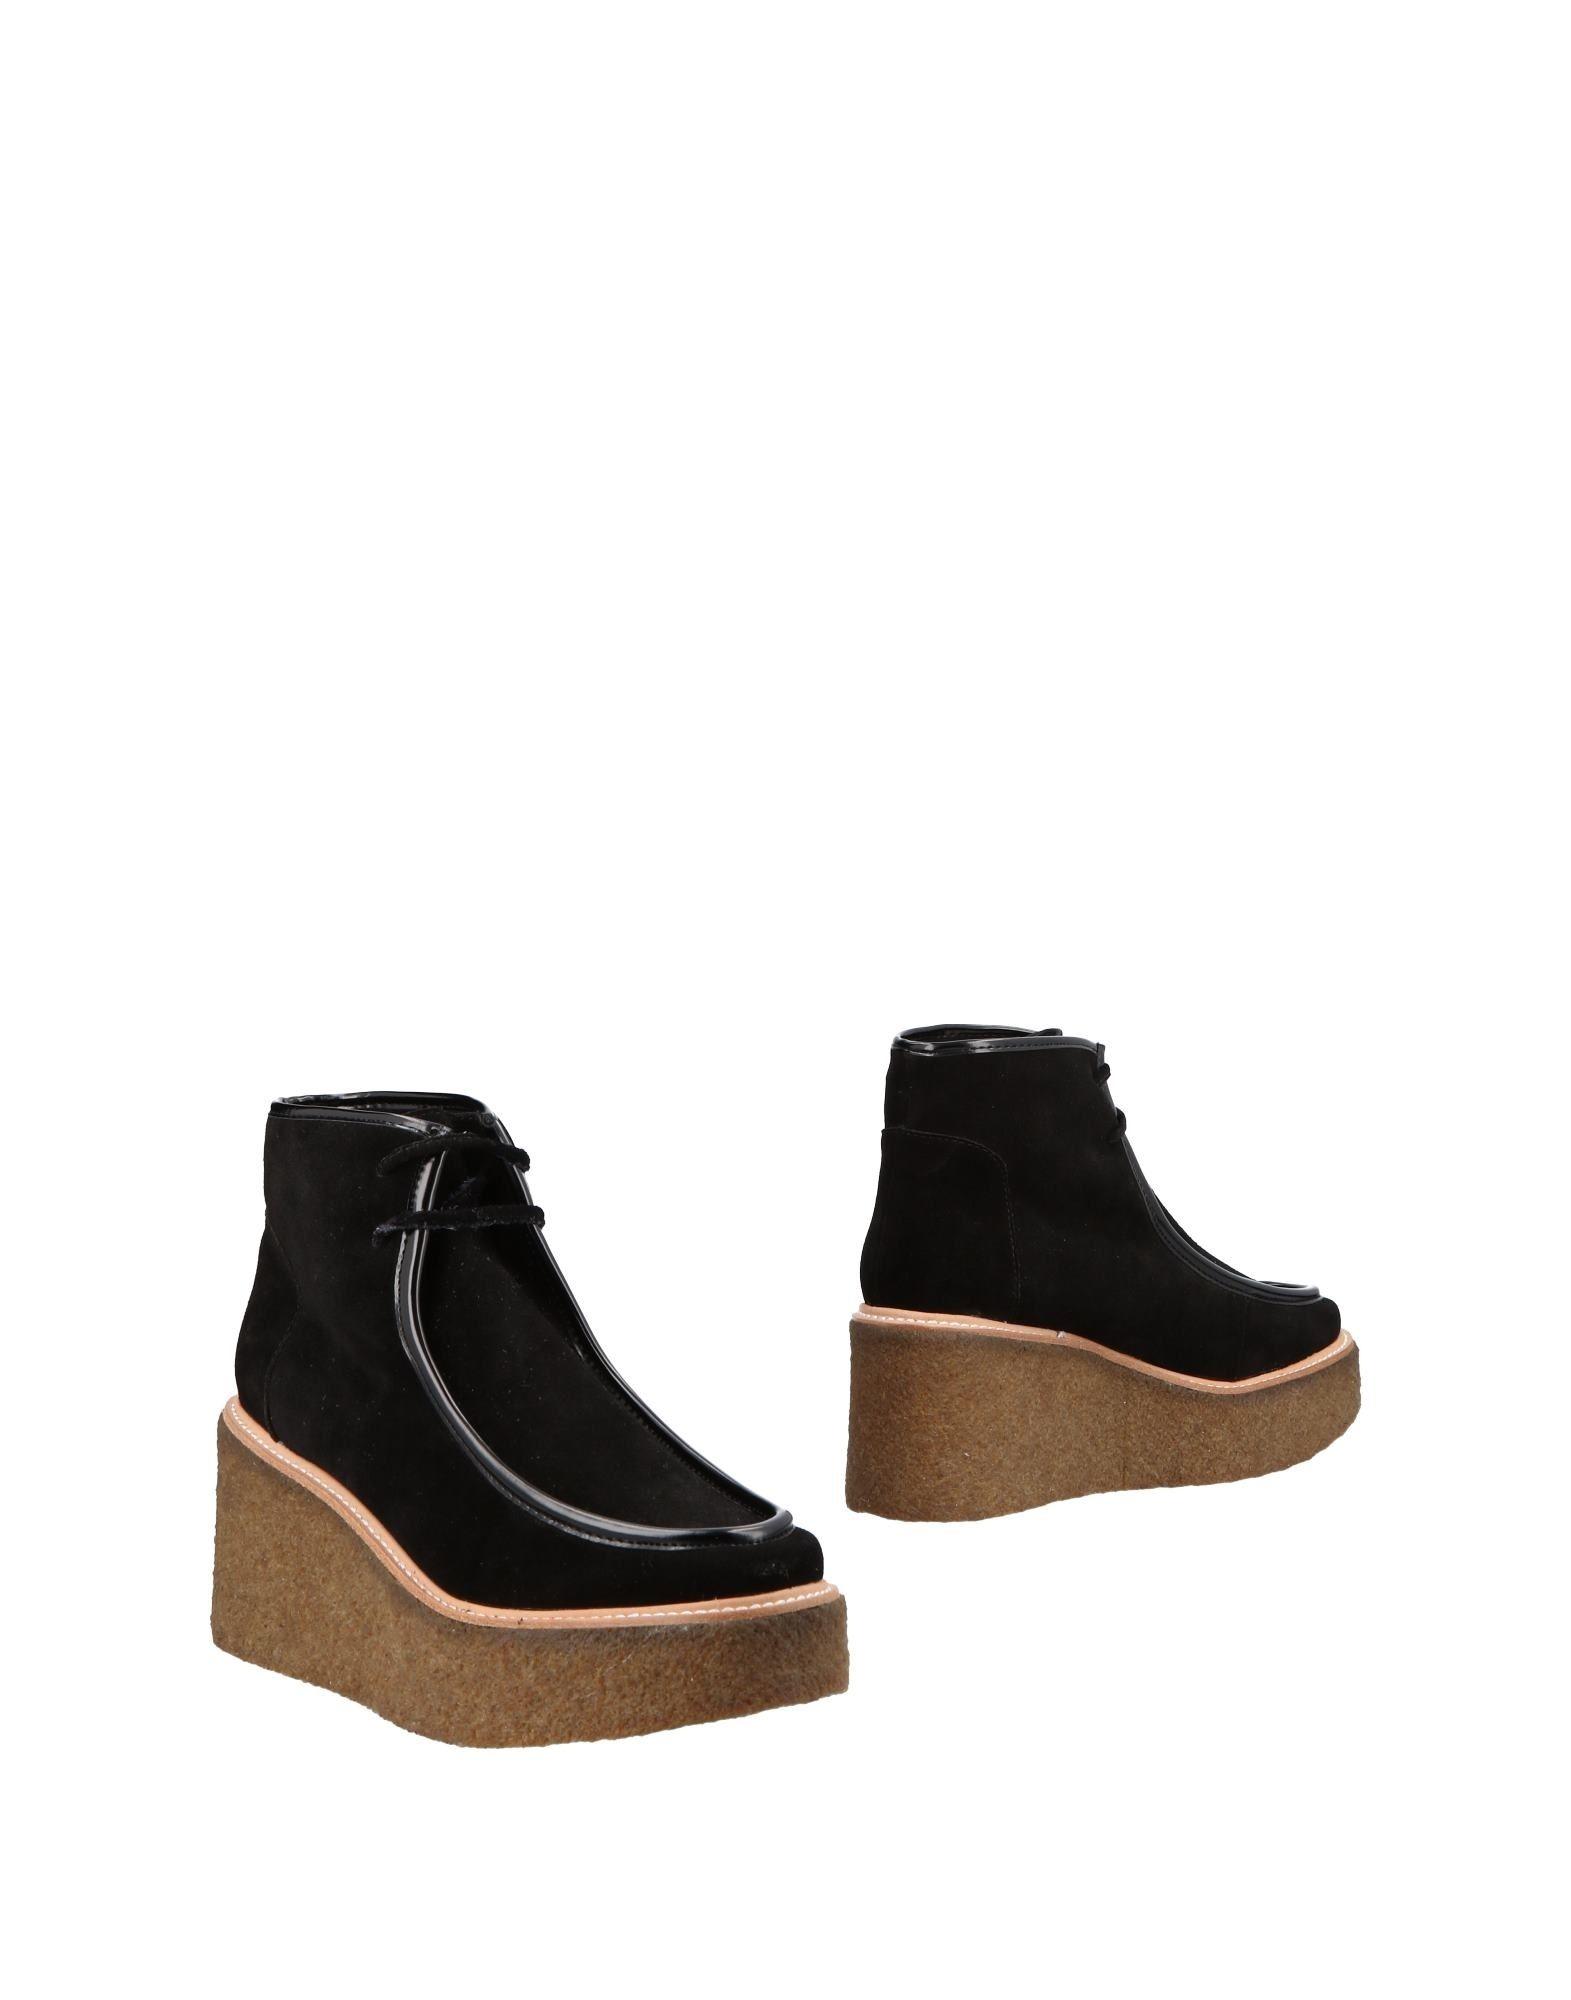 Gut um Stiefelette billige Schuhe zu tragenJeffrey Campbell Stiefelette um Damen  11503478HK 3ba41c